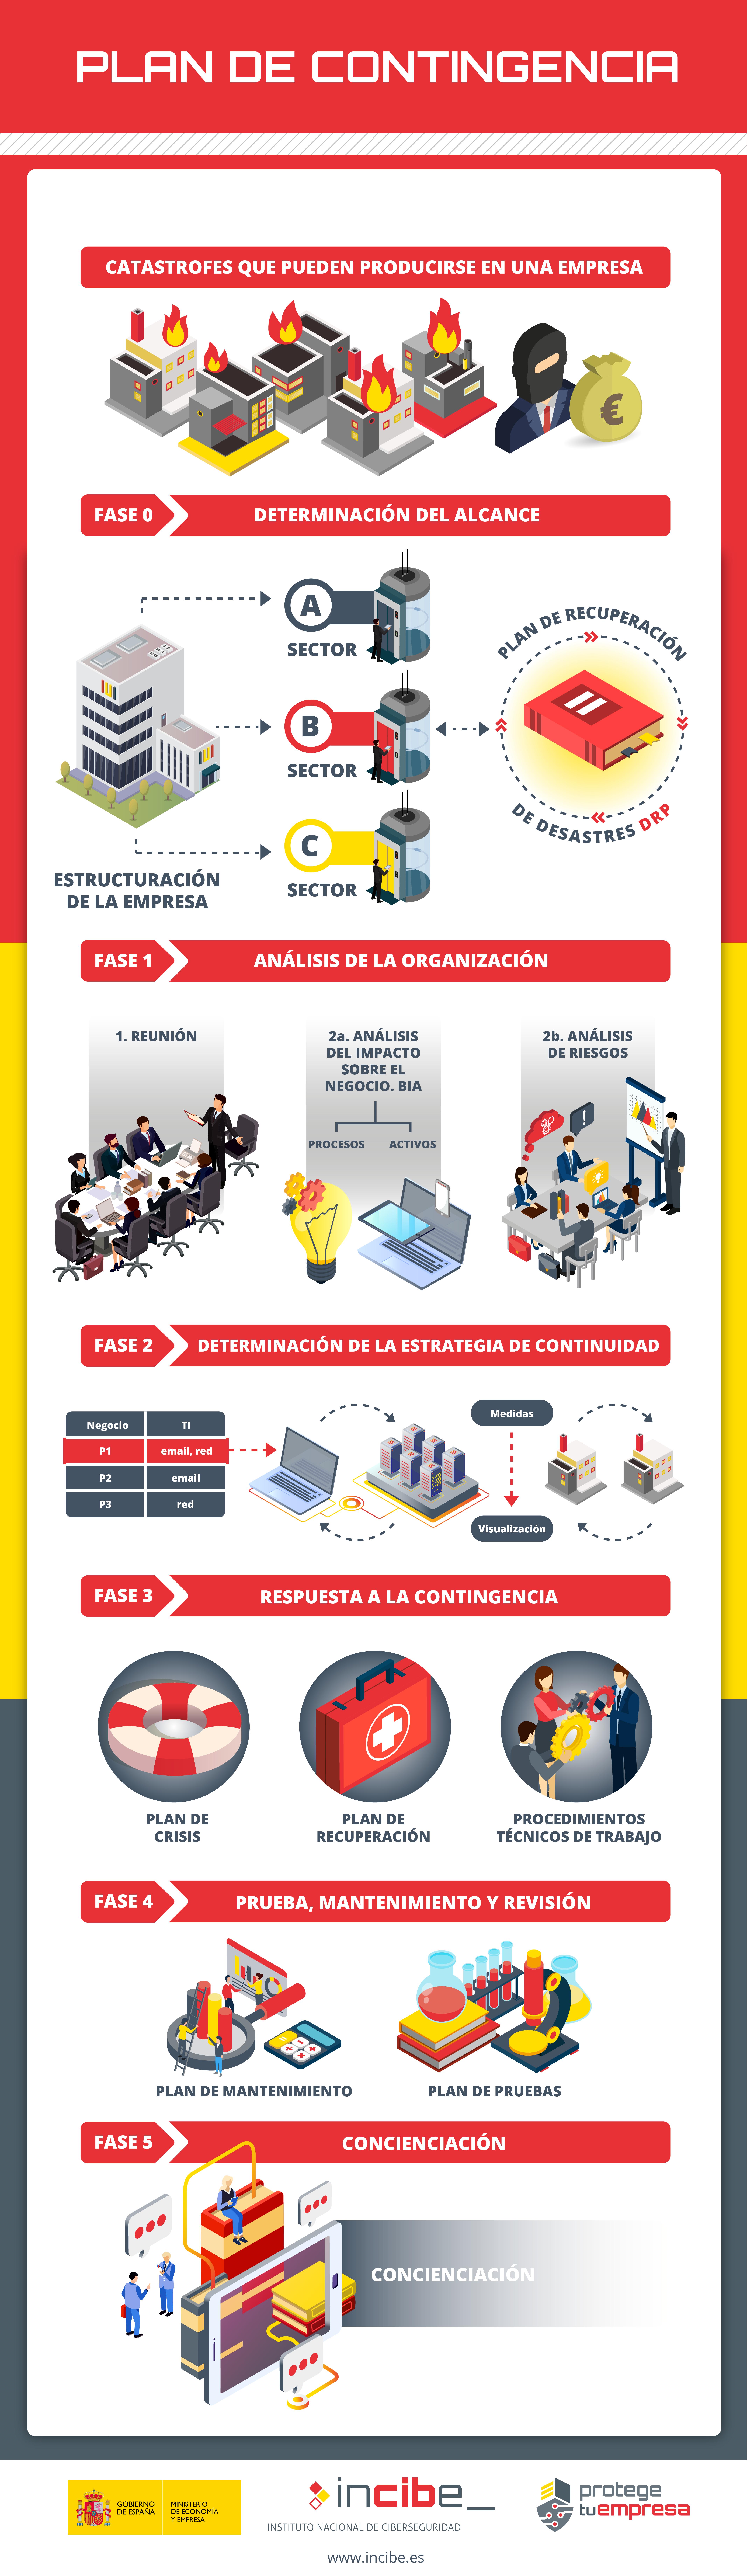 Plan de Contingencia y Continuidad de Negocio | INCIBE